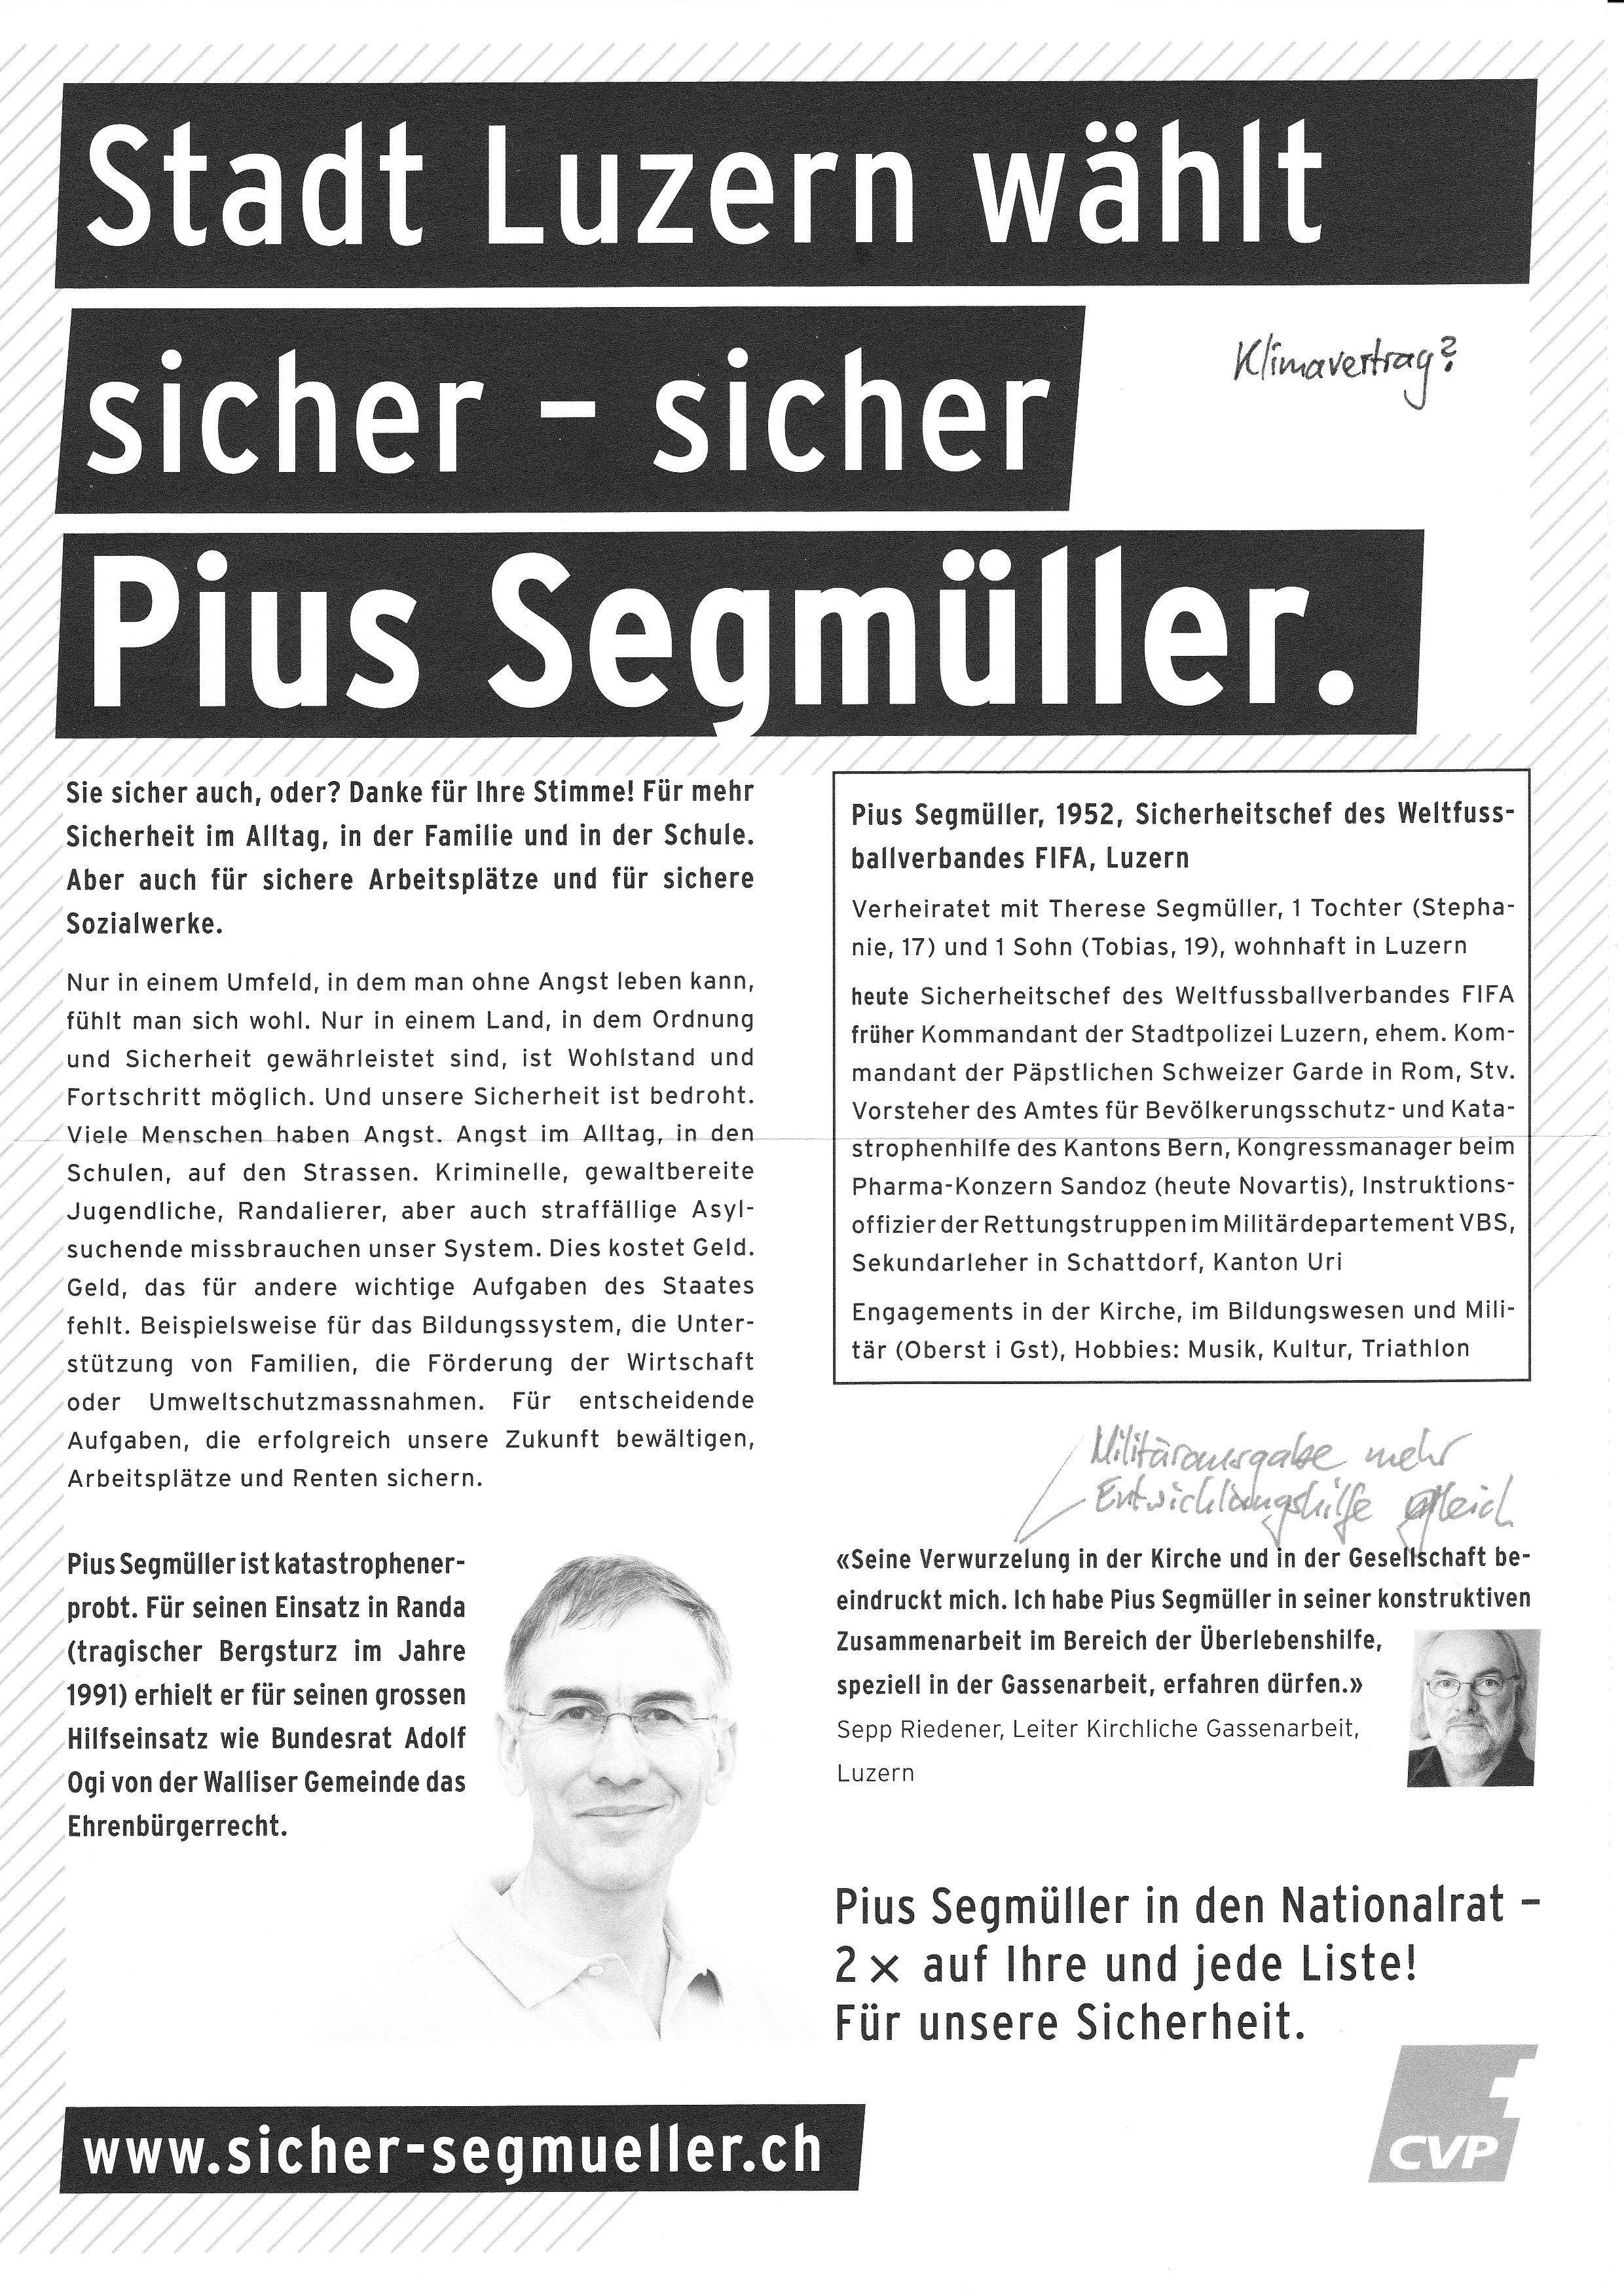 Flugblatt von Pius Segmüller